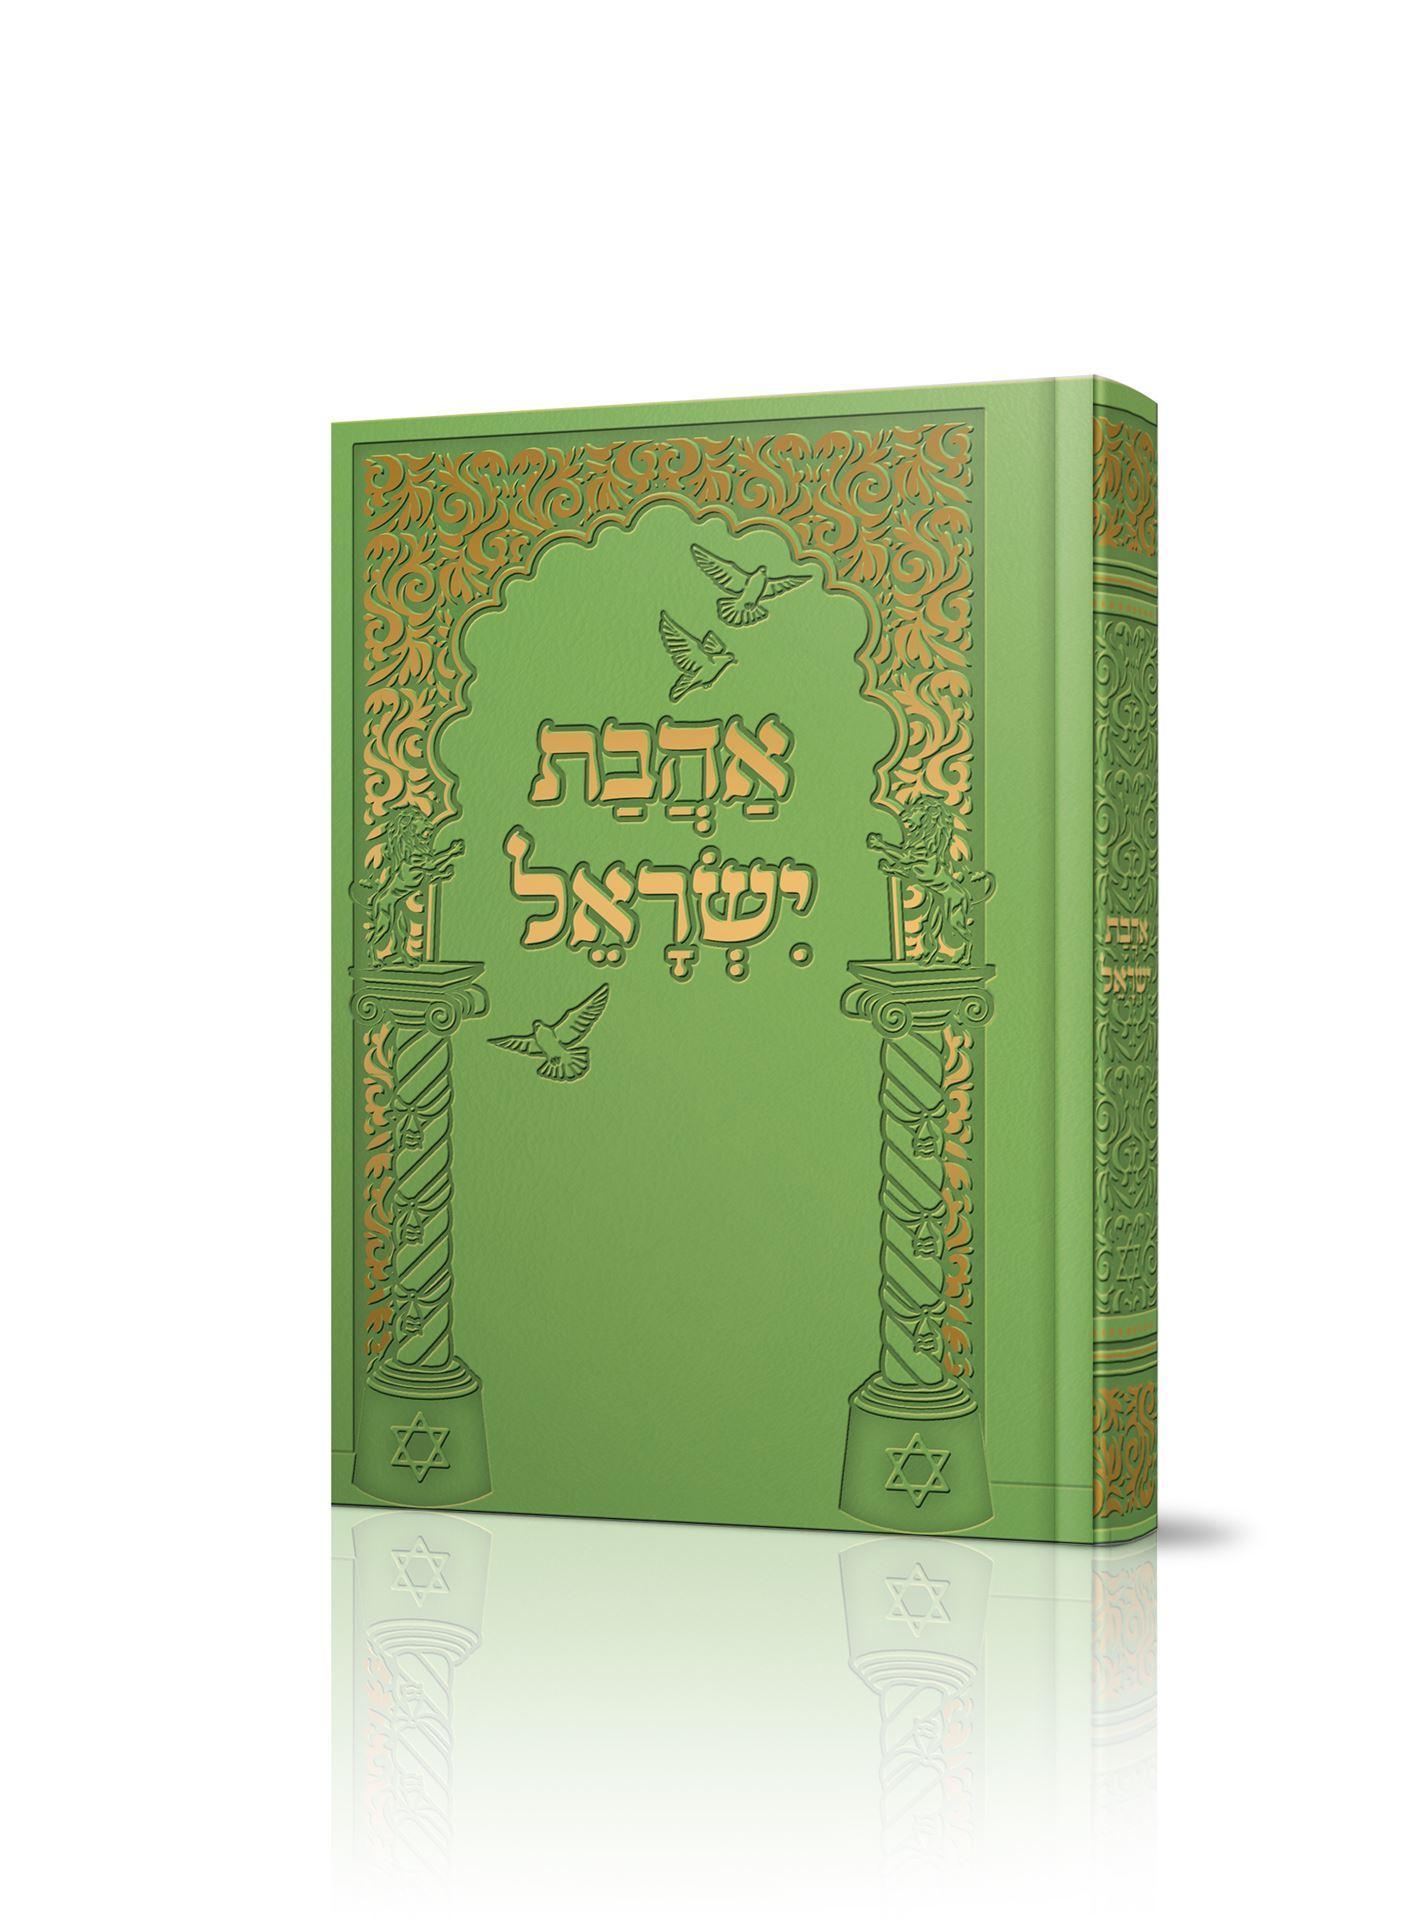 אהבת ישראל - סיפורי הבעל שם טוב